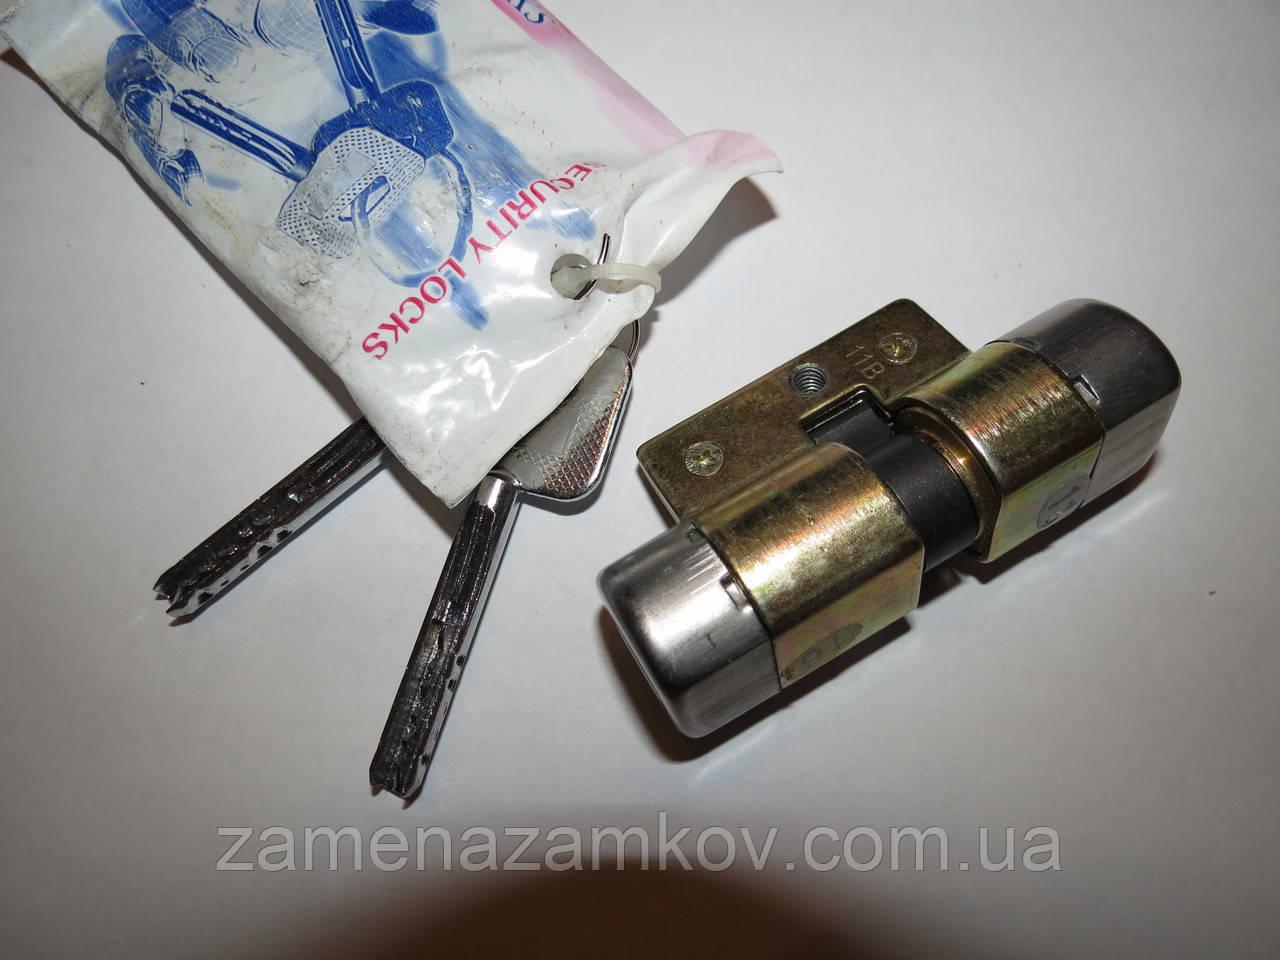 Mexin AFS 90 мм (45*45) цилиндр 6+2 ключей для дверей Киев Винница Одесса Тернополь Львов Ужгород